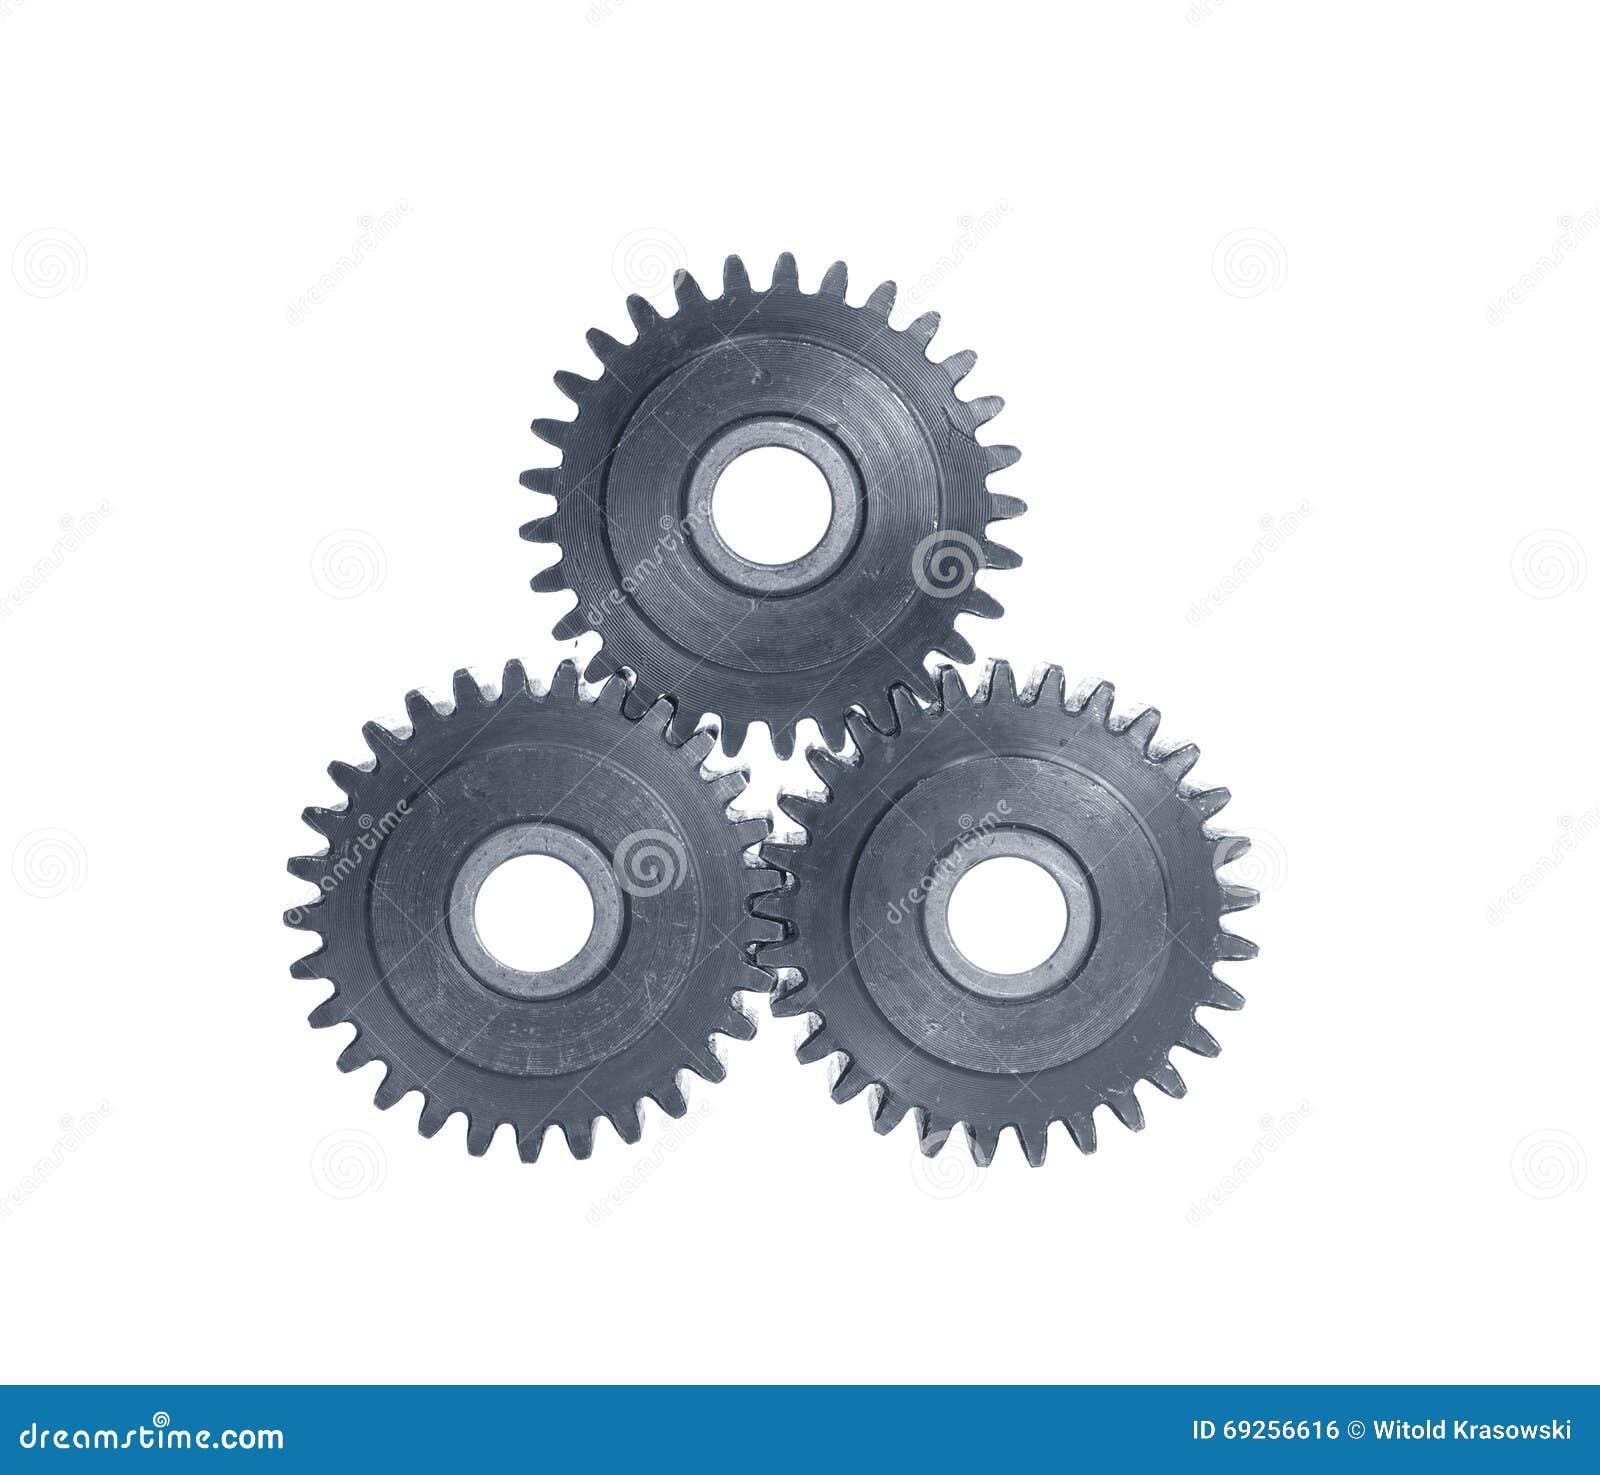 Μηχανισμός με cog-wheels